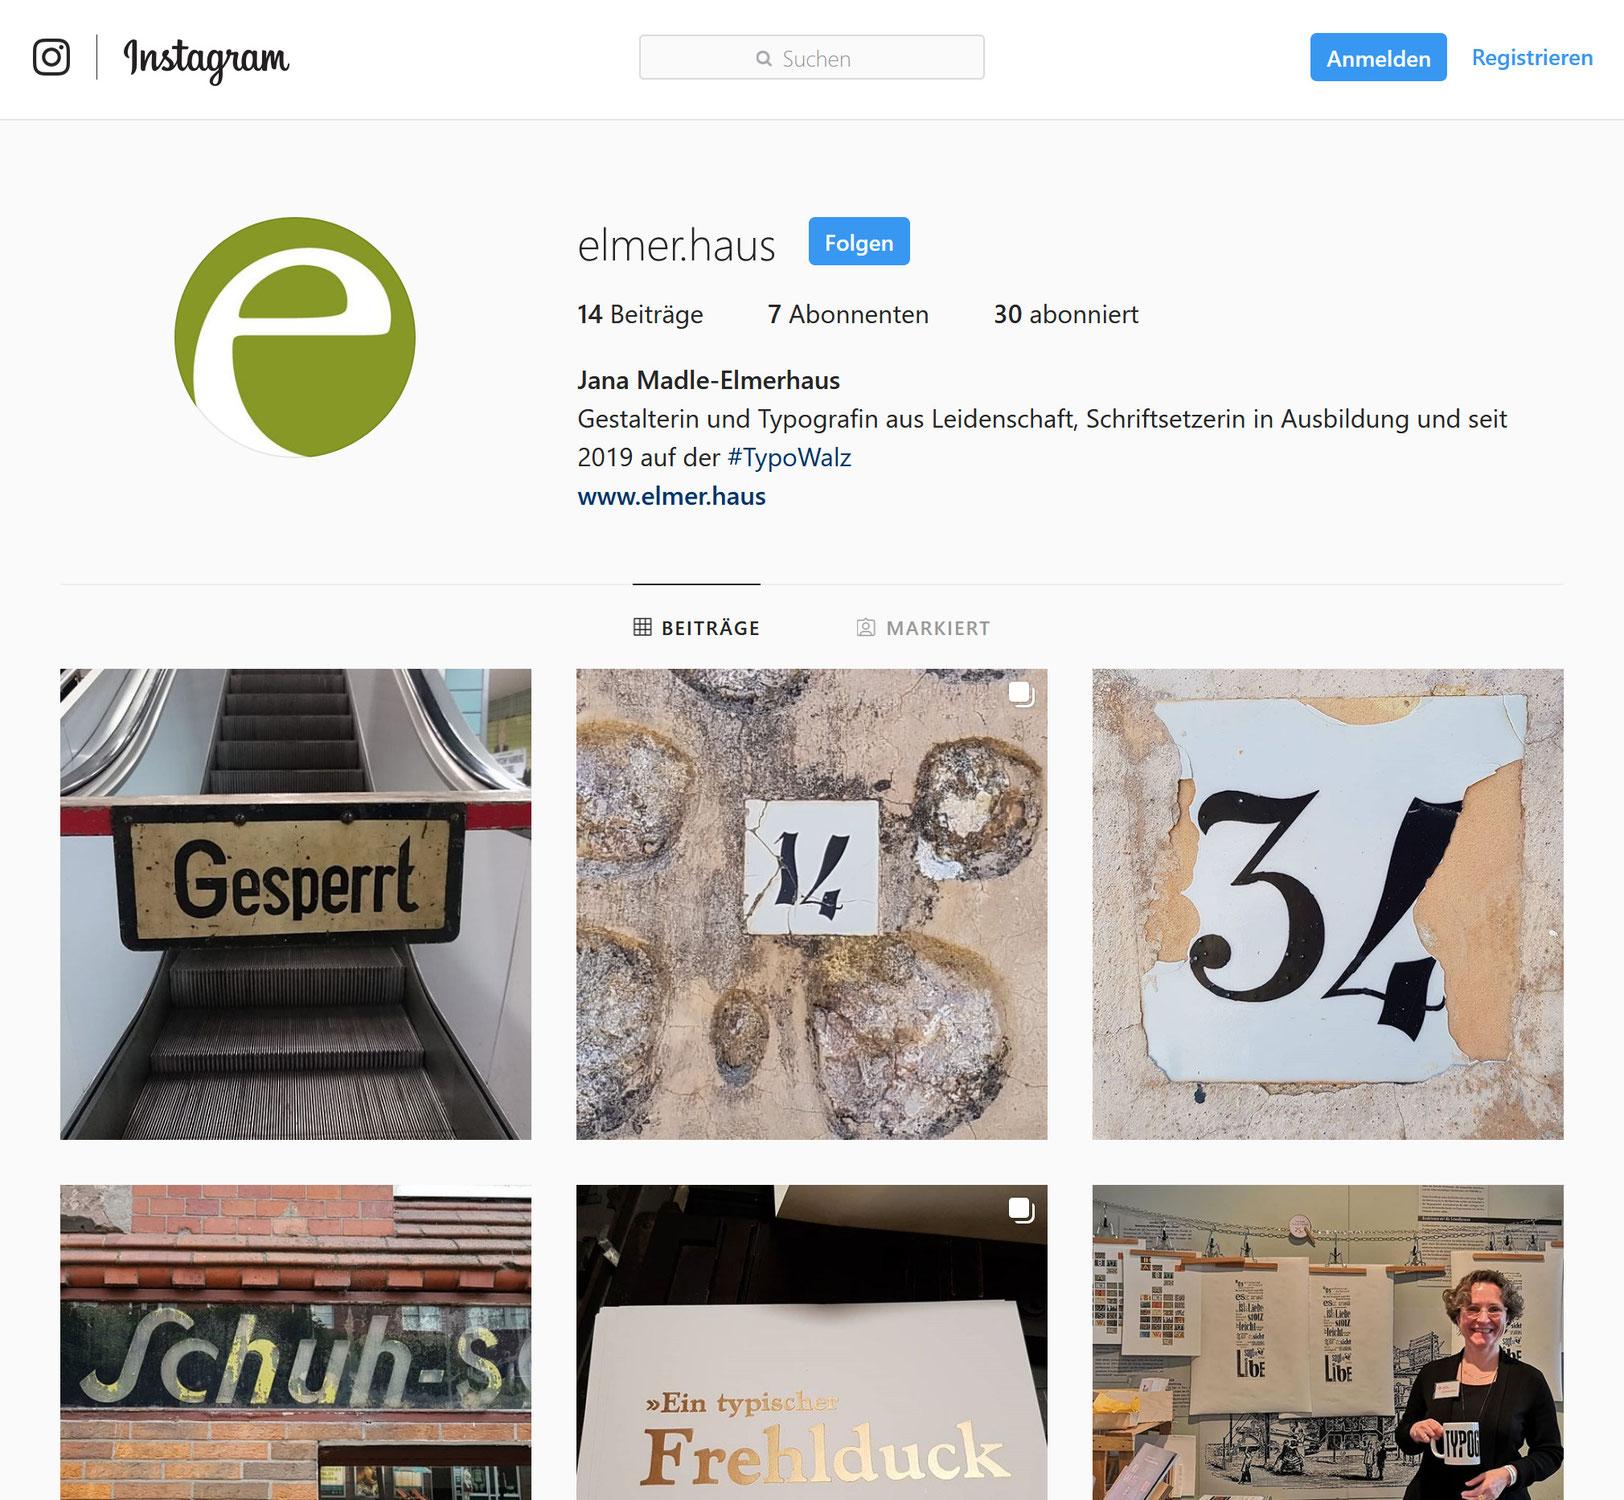 Nun haben wir für die TypoWalz ein Instagram-Profil